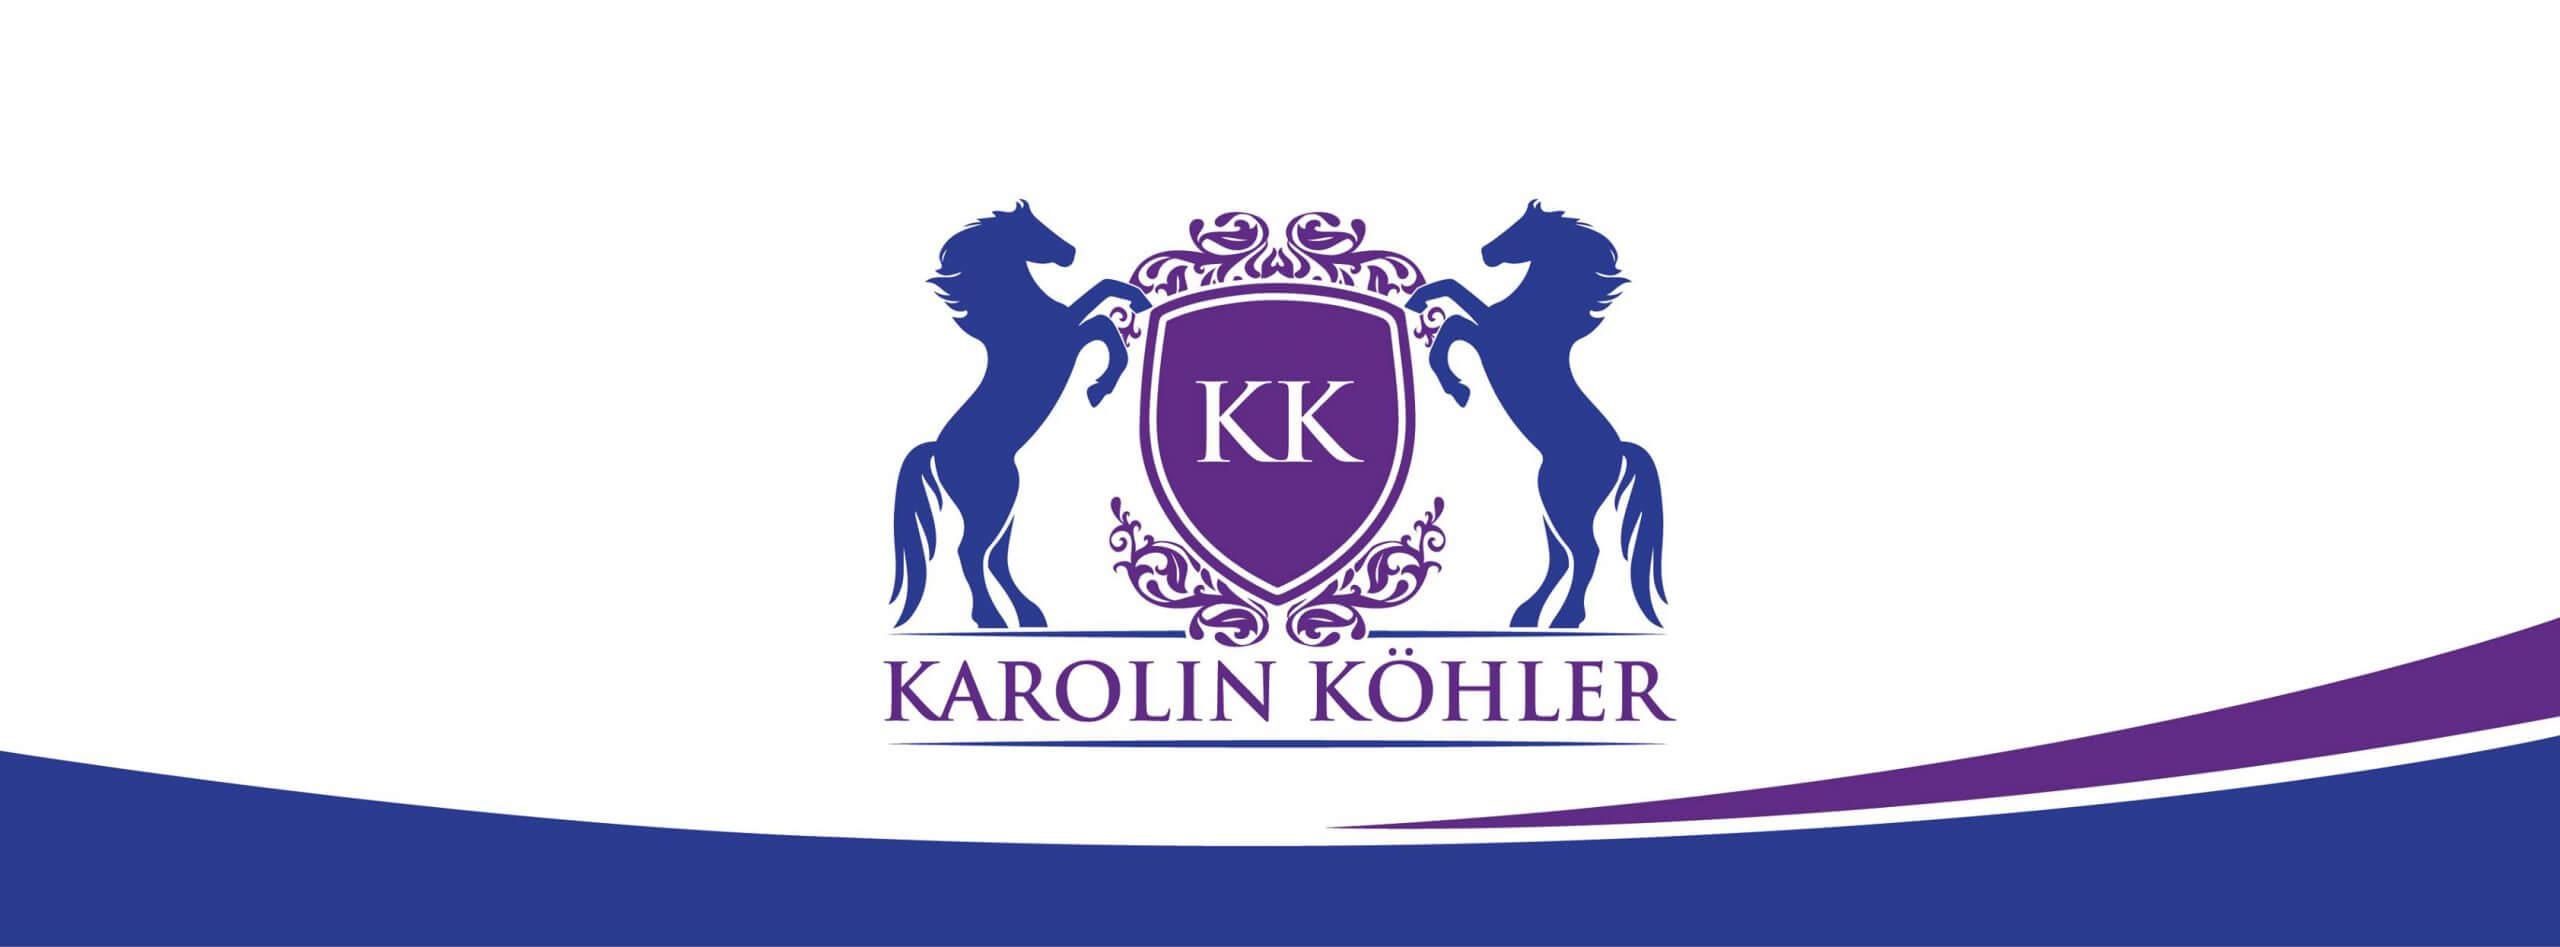 Karolin Köhler Dressage